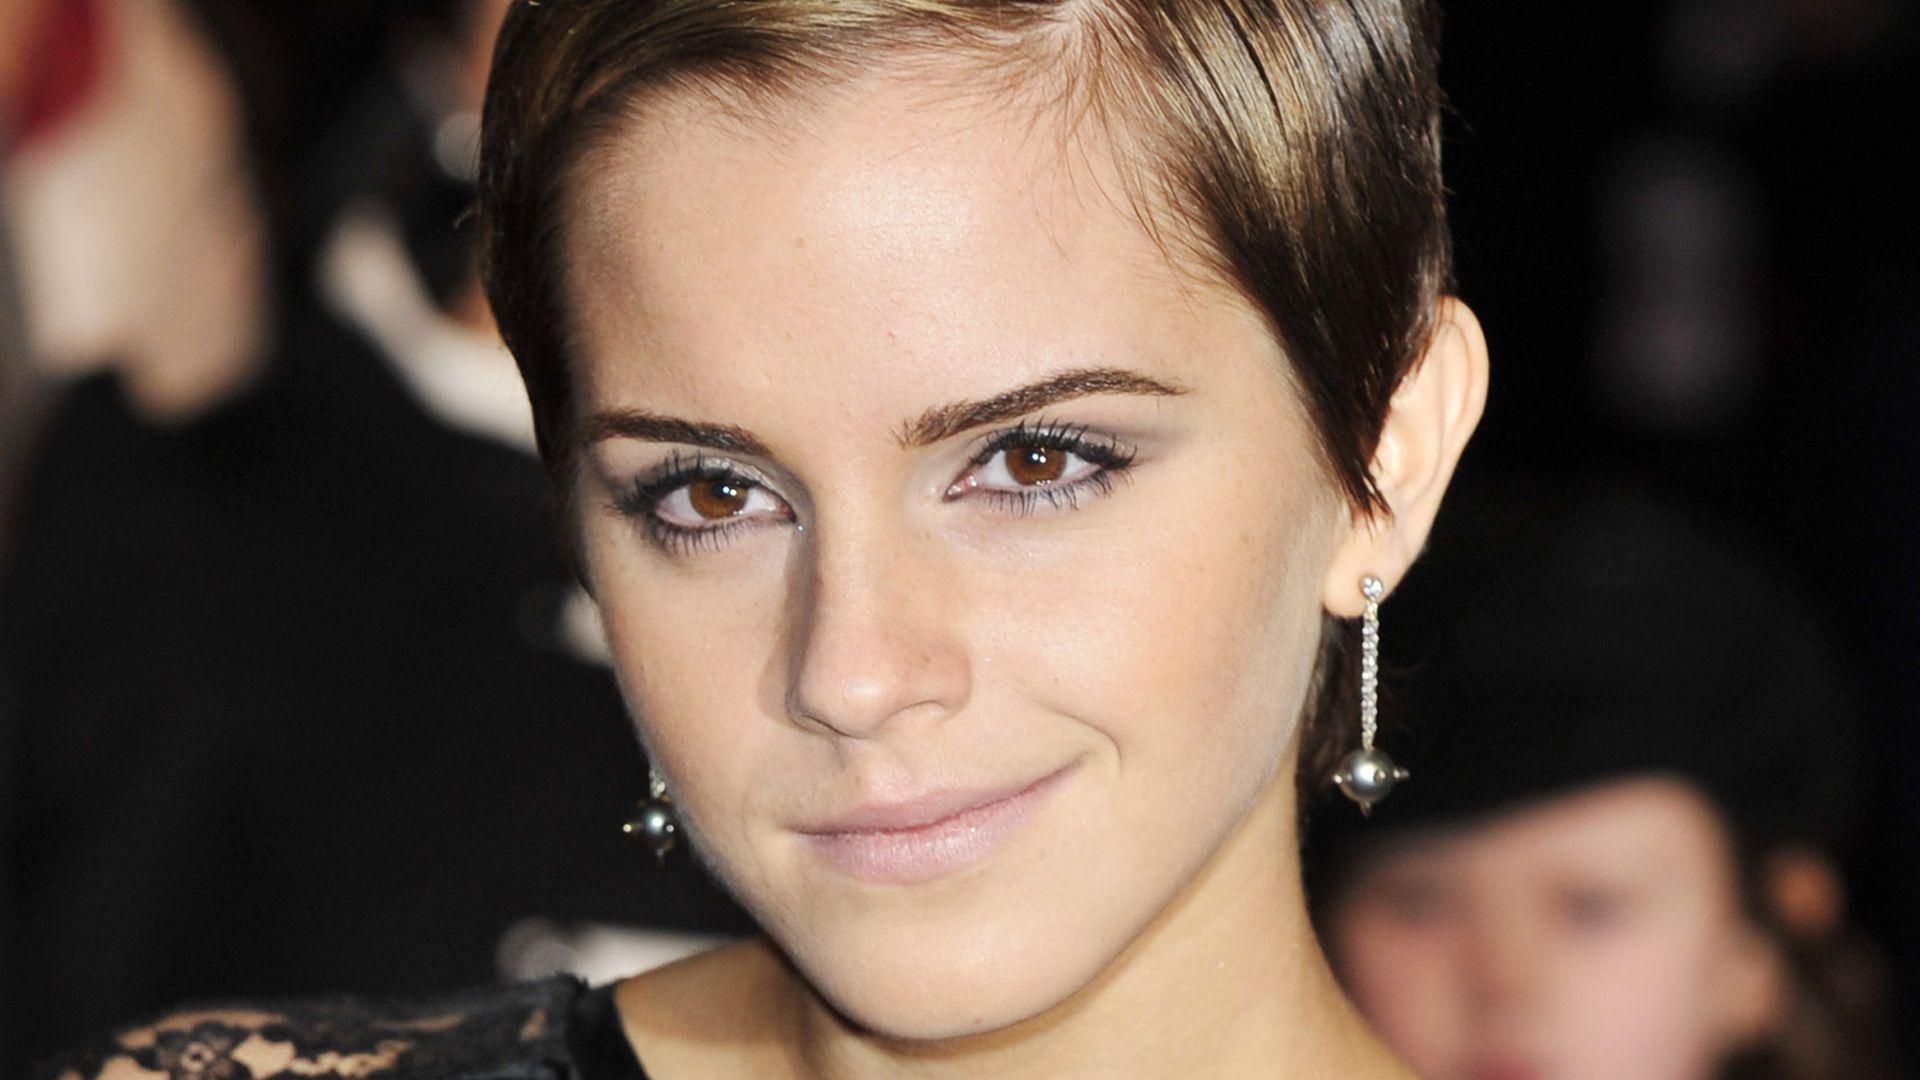 8 Jahre Nach Pixie Cut Emma Watson Mit Neuer Pony Frisur